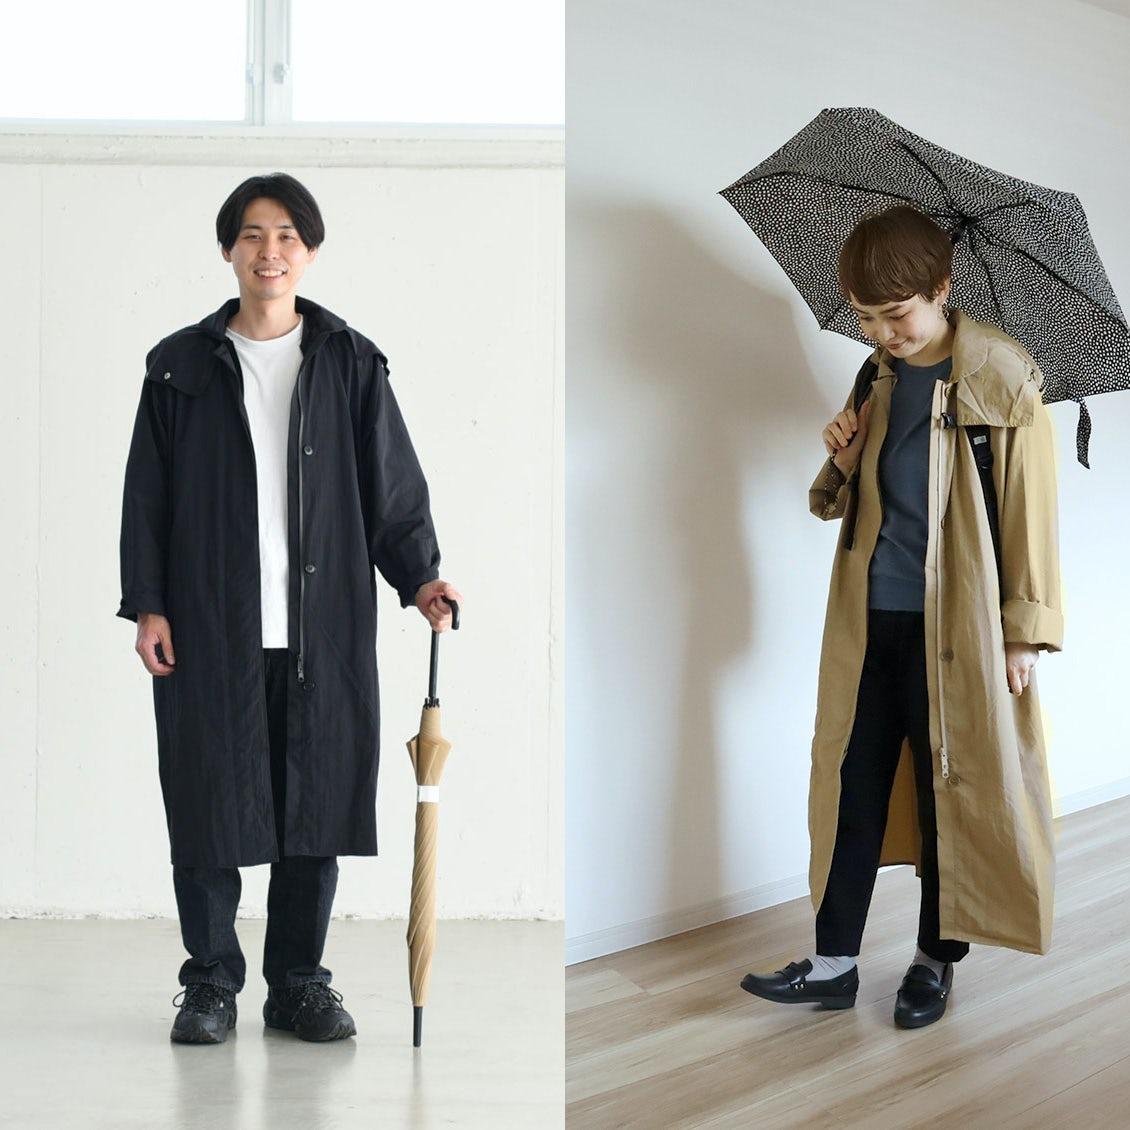 【着用レビュー】当店オリジナルレインコートを、身長の異なる2名が着てみました。